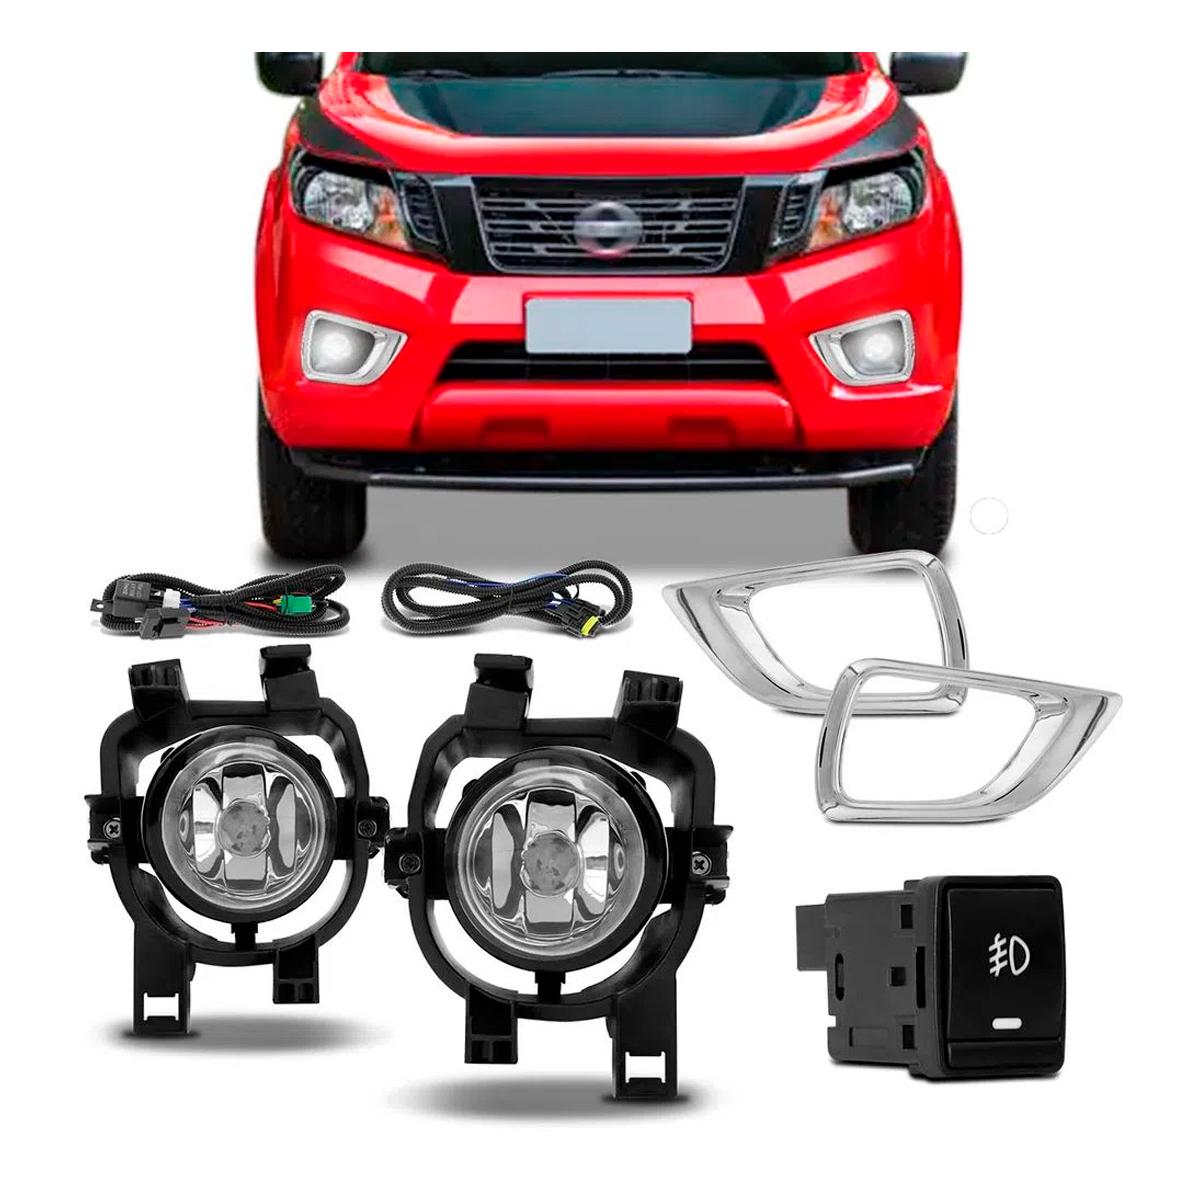 Kit Farol de Milha Nissan Frontier 2018 / 2019 Encaixe H11 com Botão Similar ao Original Auxiliar Neblina